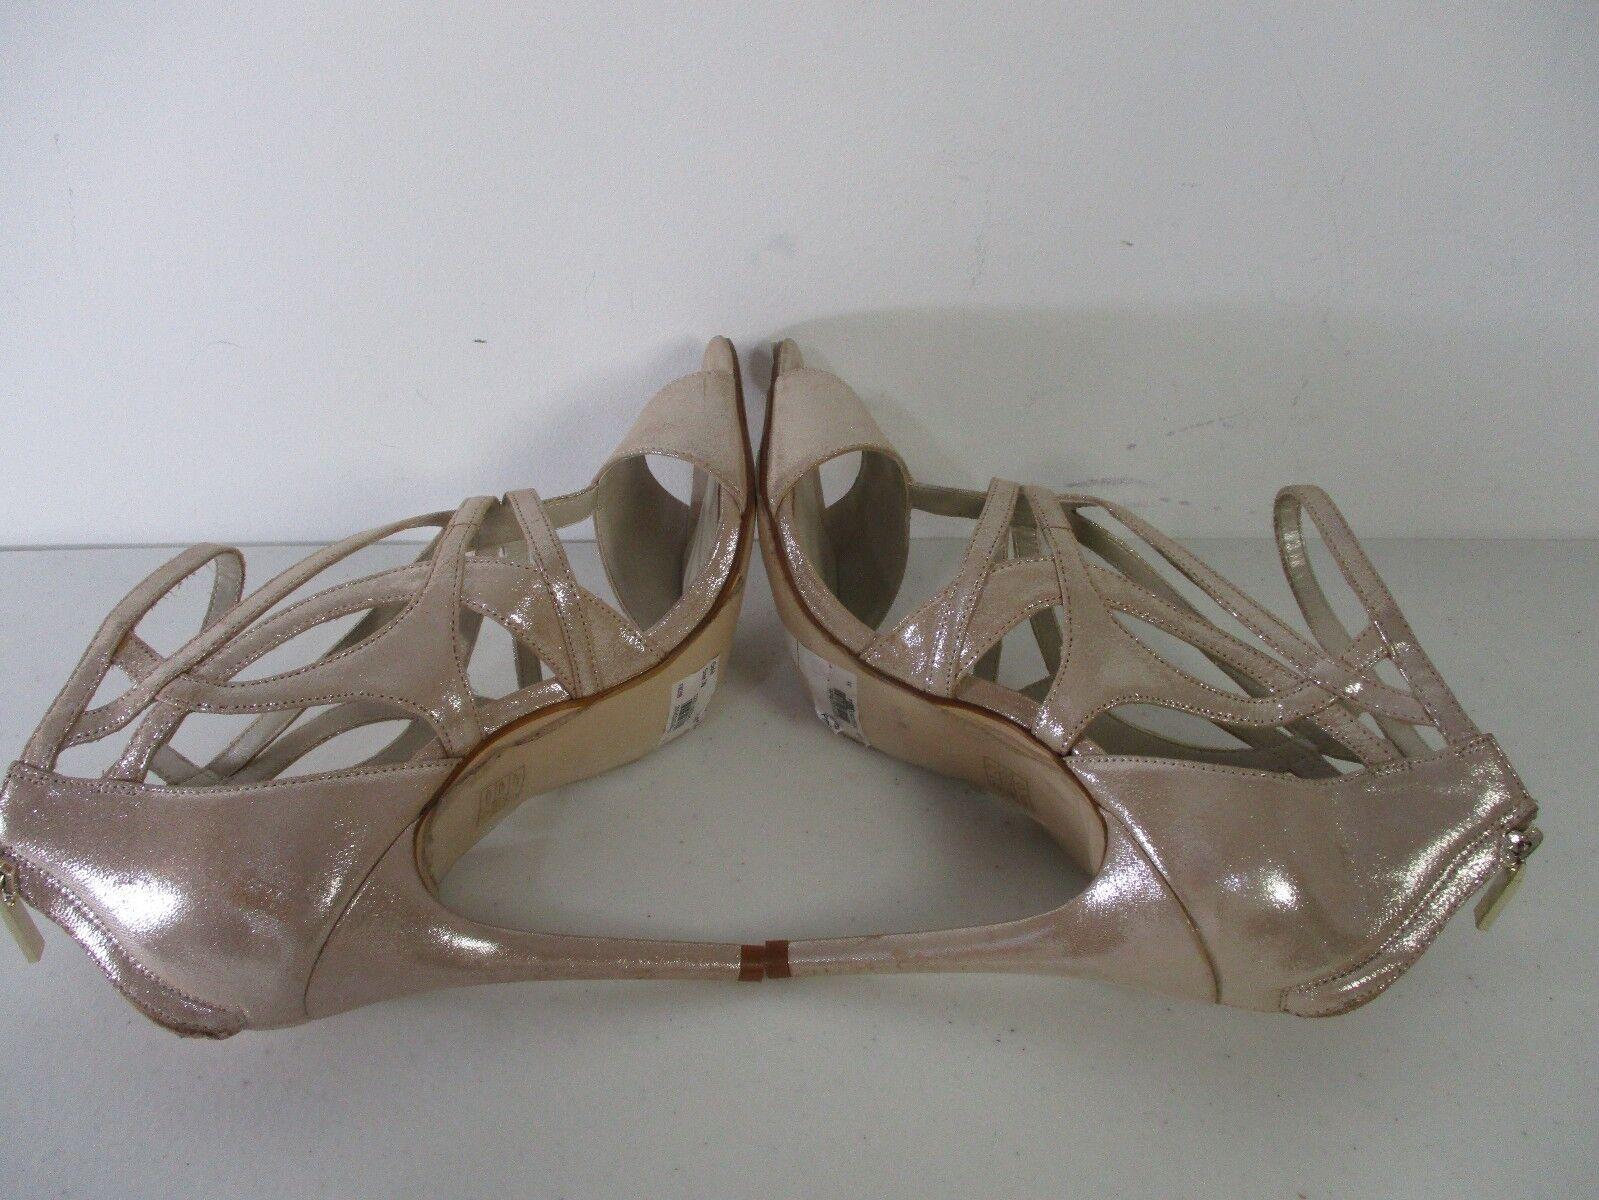 Karen Millen Donna Metallizzato Perlato Sandalo in pelle   pelle  TG 38 225 58307d